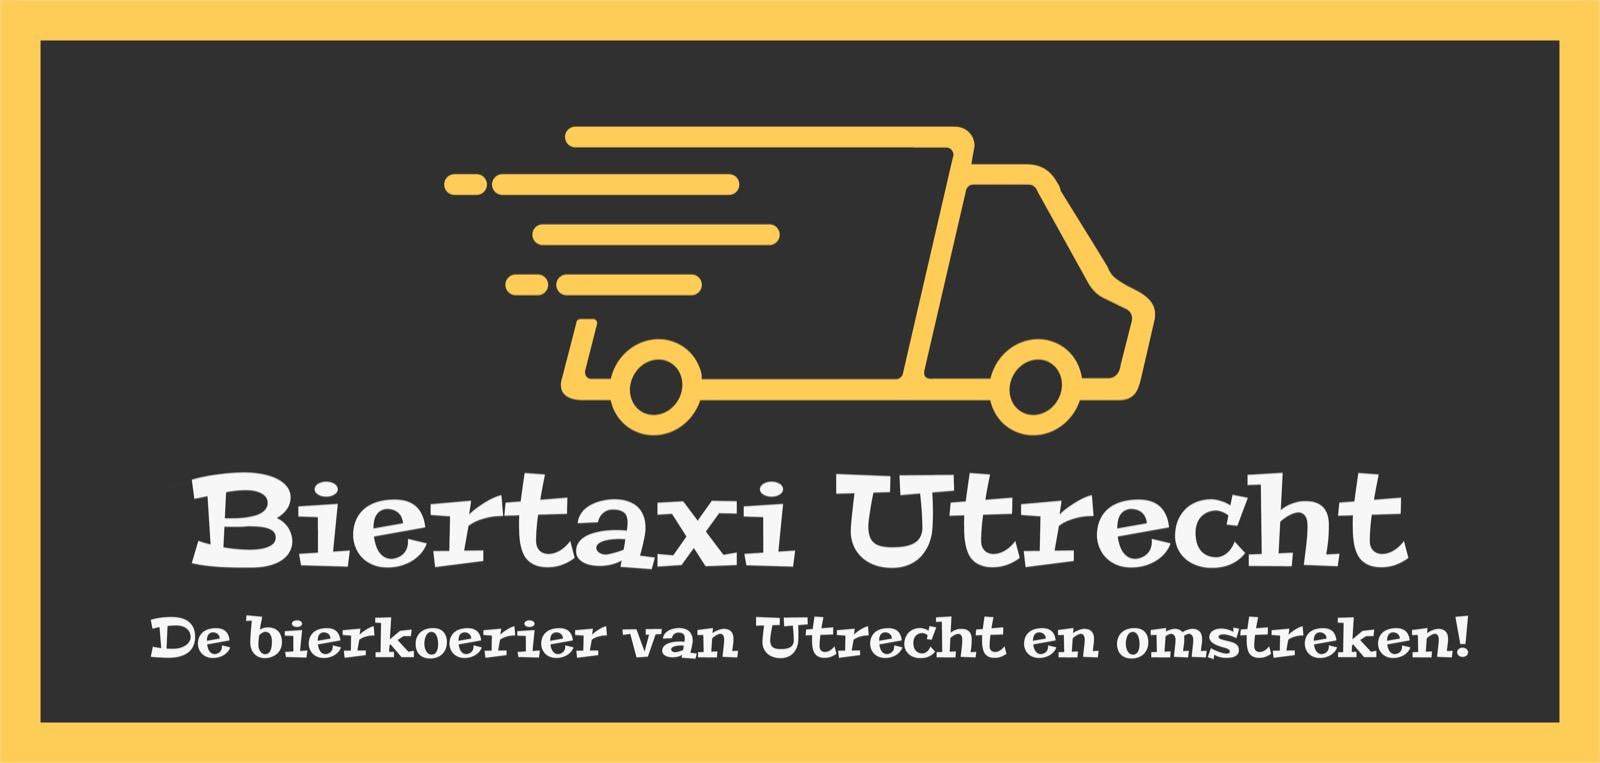 Biertaxi Utrecht